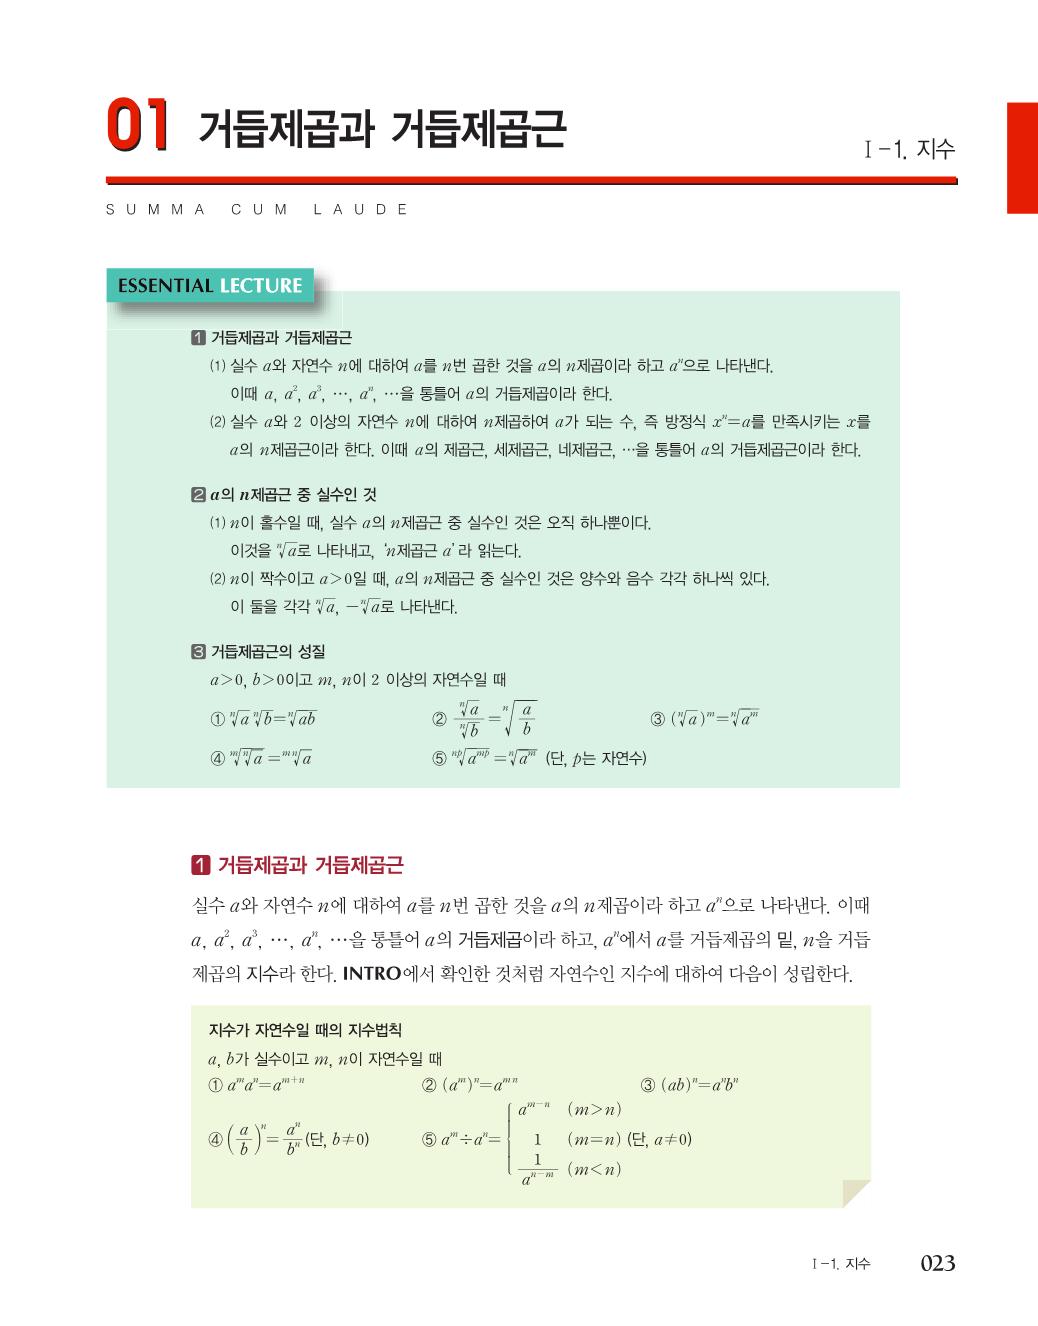 미리보기_숨마쿰라우데_개념기본서_수학117.png